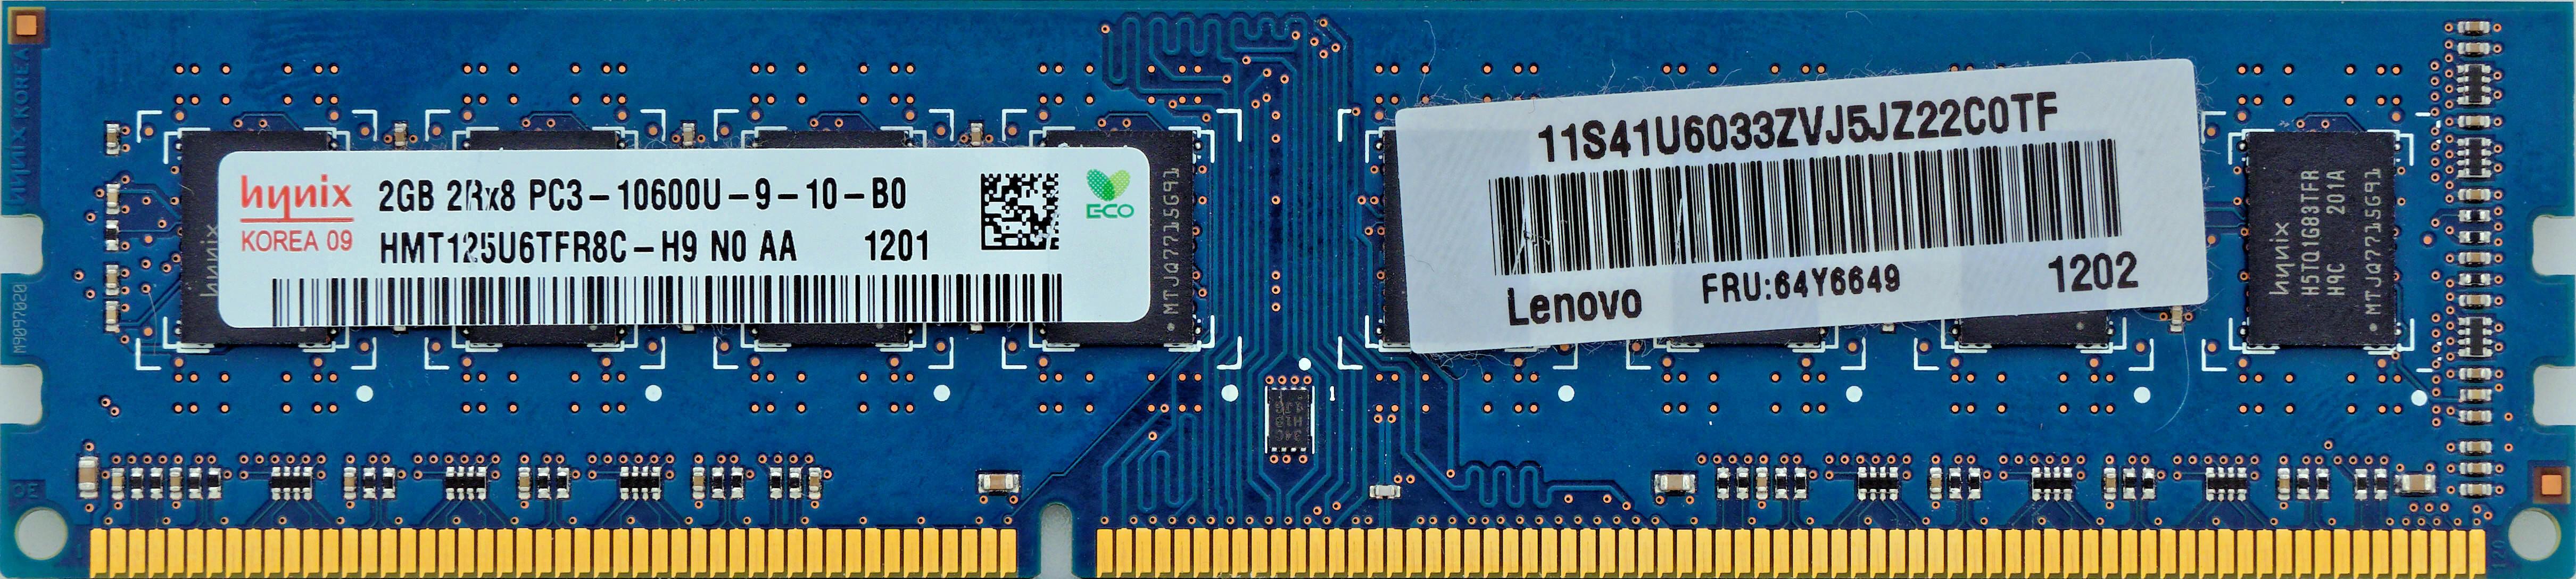 2-GB-DIMM-2.jpeg